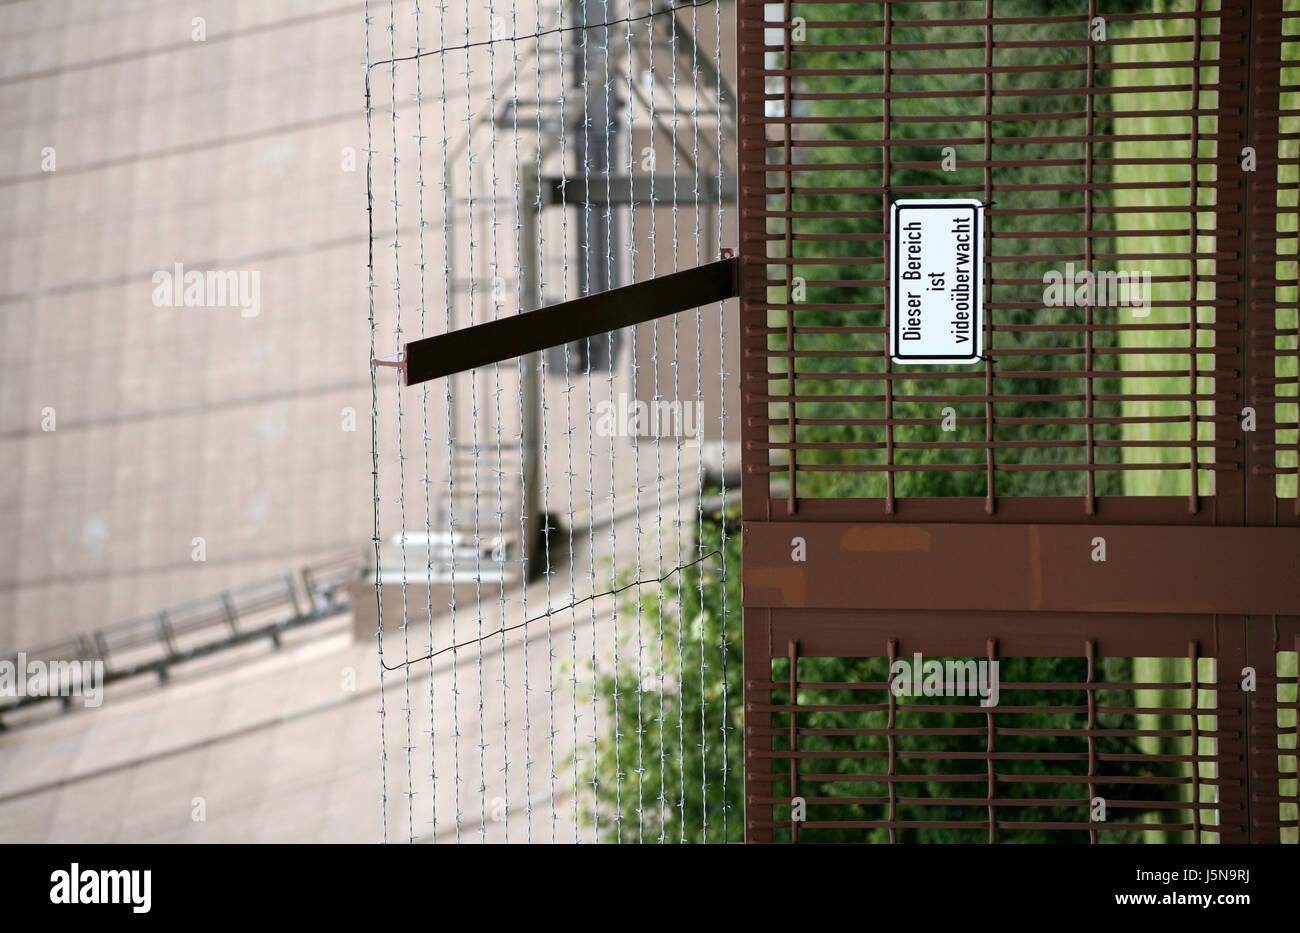 Brig Gefängnis Zaun Überwachung vergitterten Barriere schützen ...